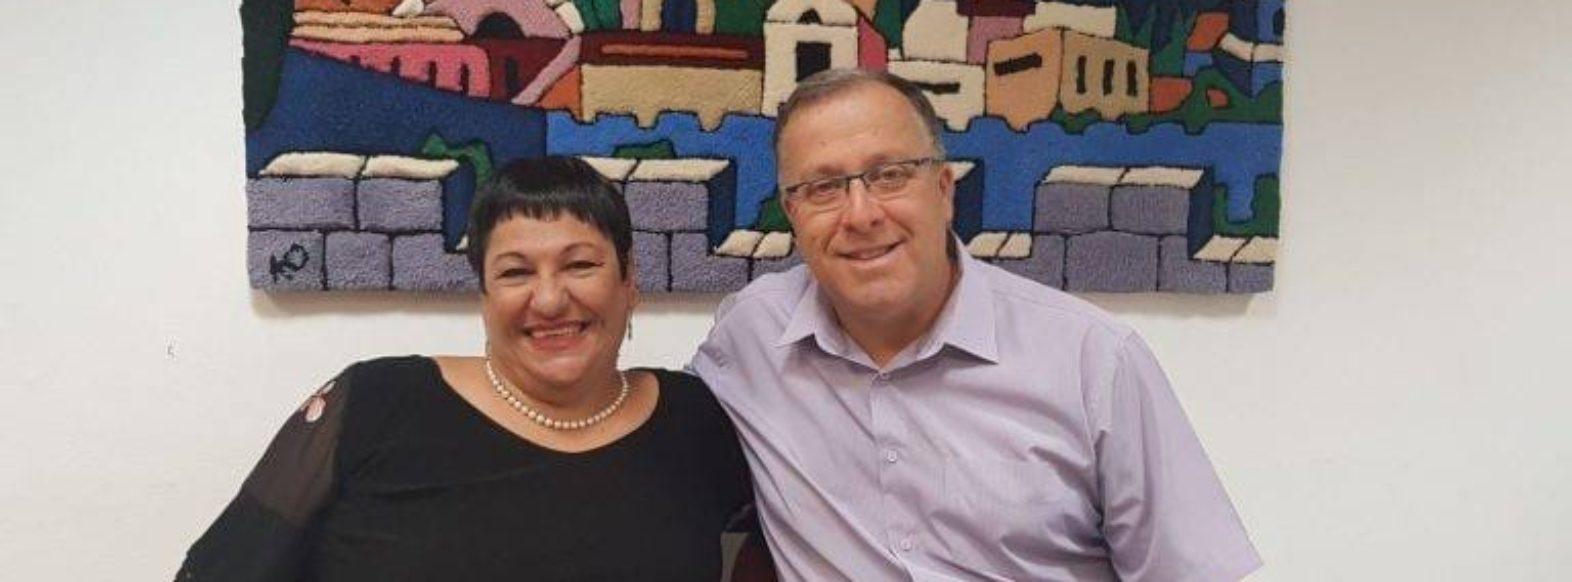 """משנה לראש העיר ד""""ר רוויטל סבירסקי נבחרה לשמש כחברה בוועדת המחקר של קרן שלם"""